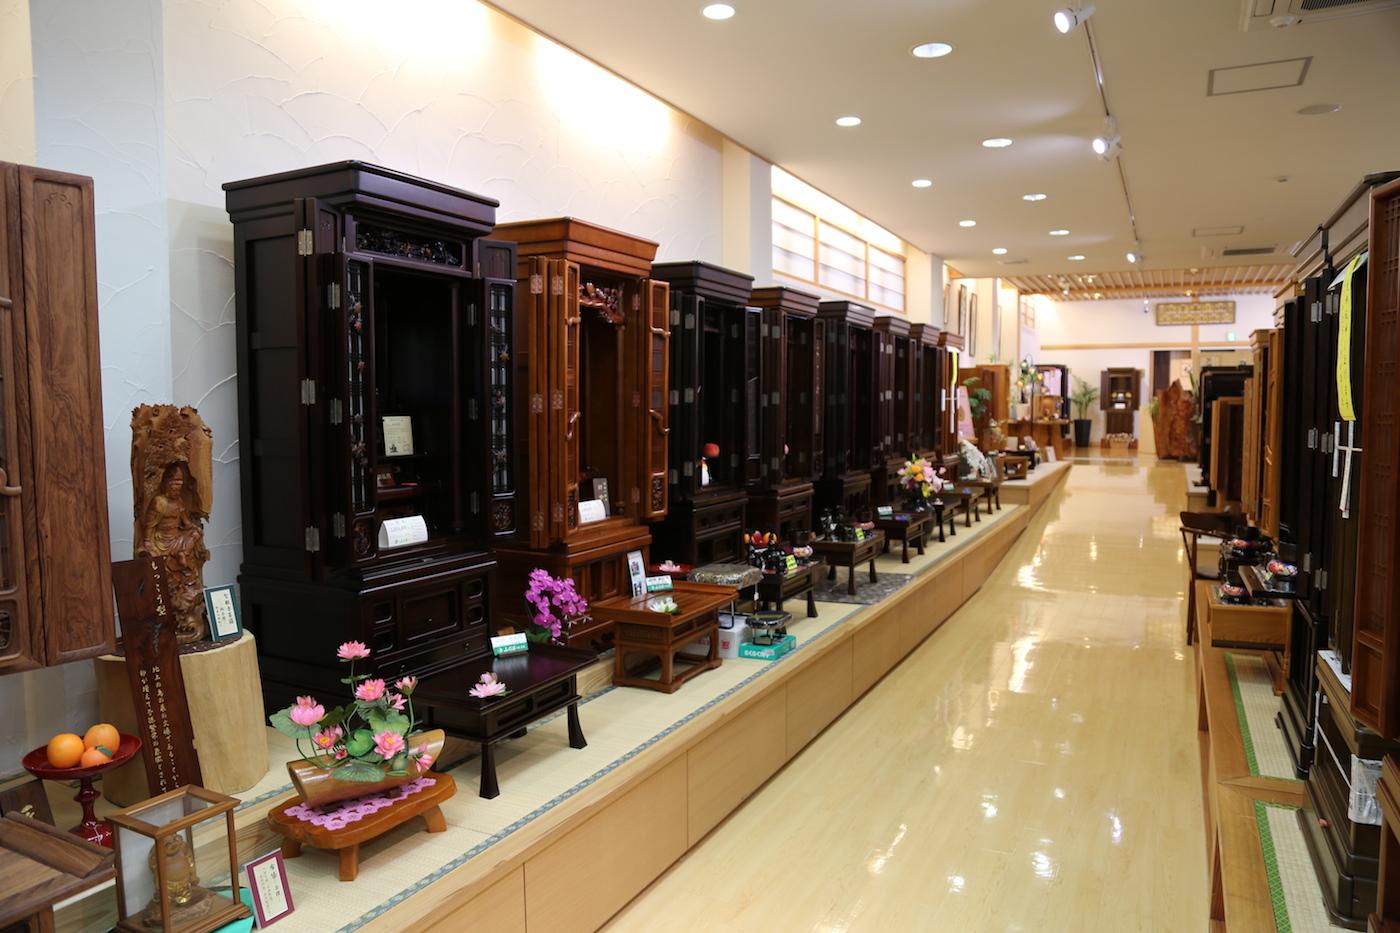 ふくば 福島 仏壇 写真ギャラリー画像22